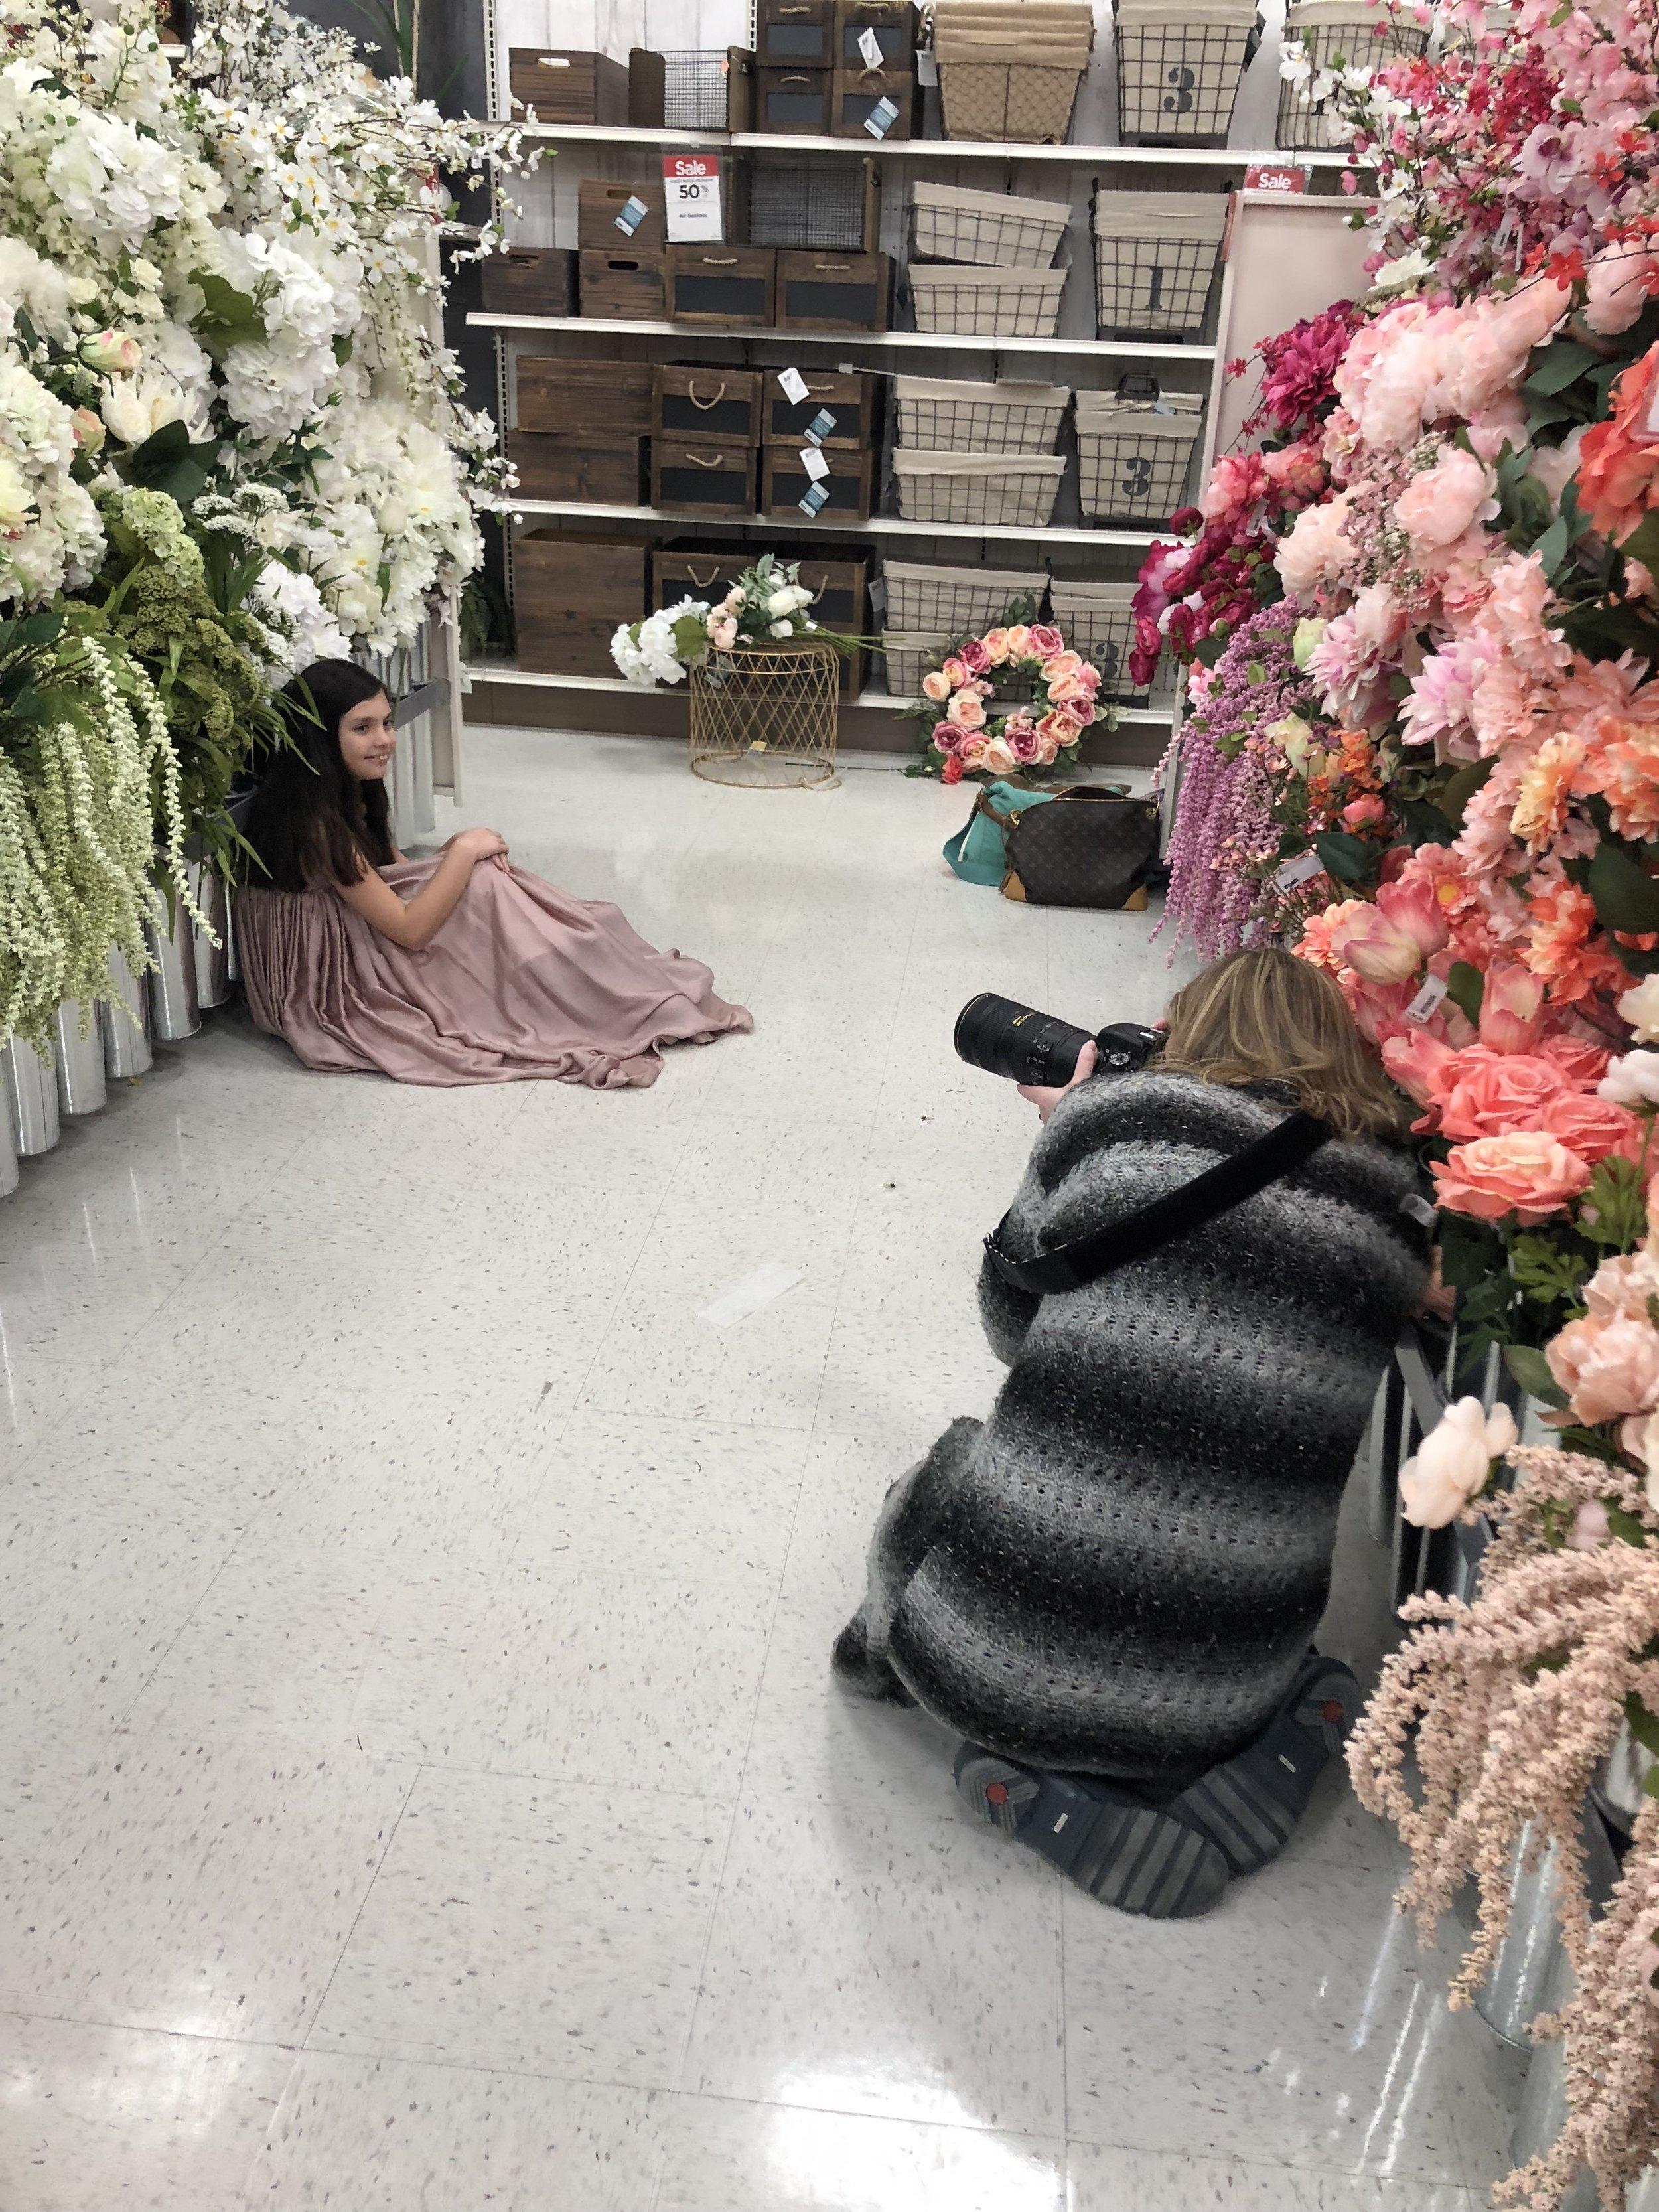 behind the scenes #michaelschallenge